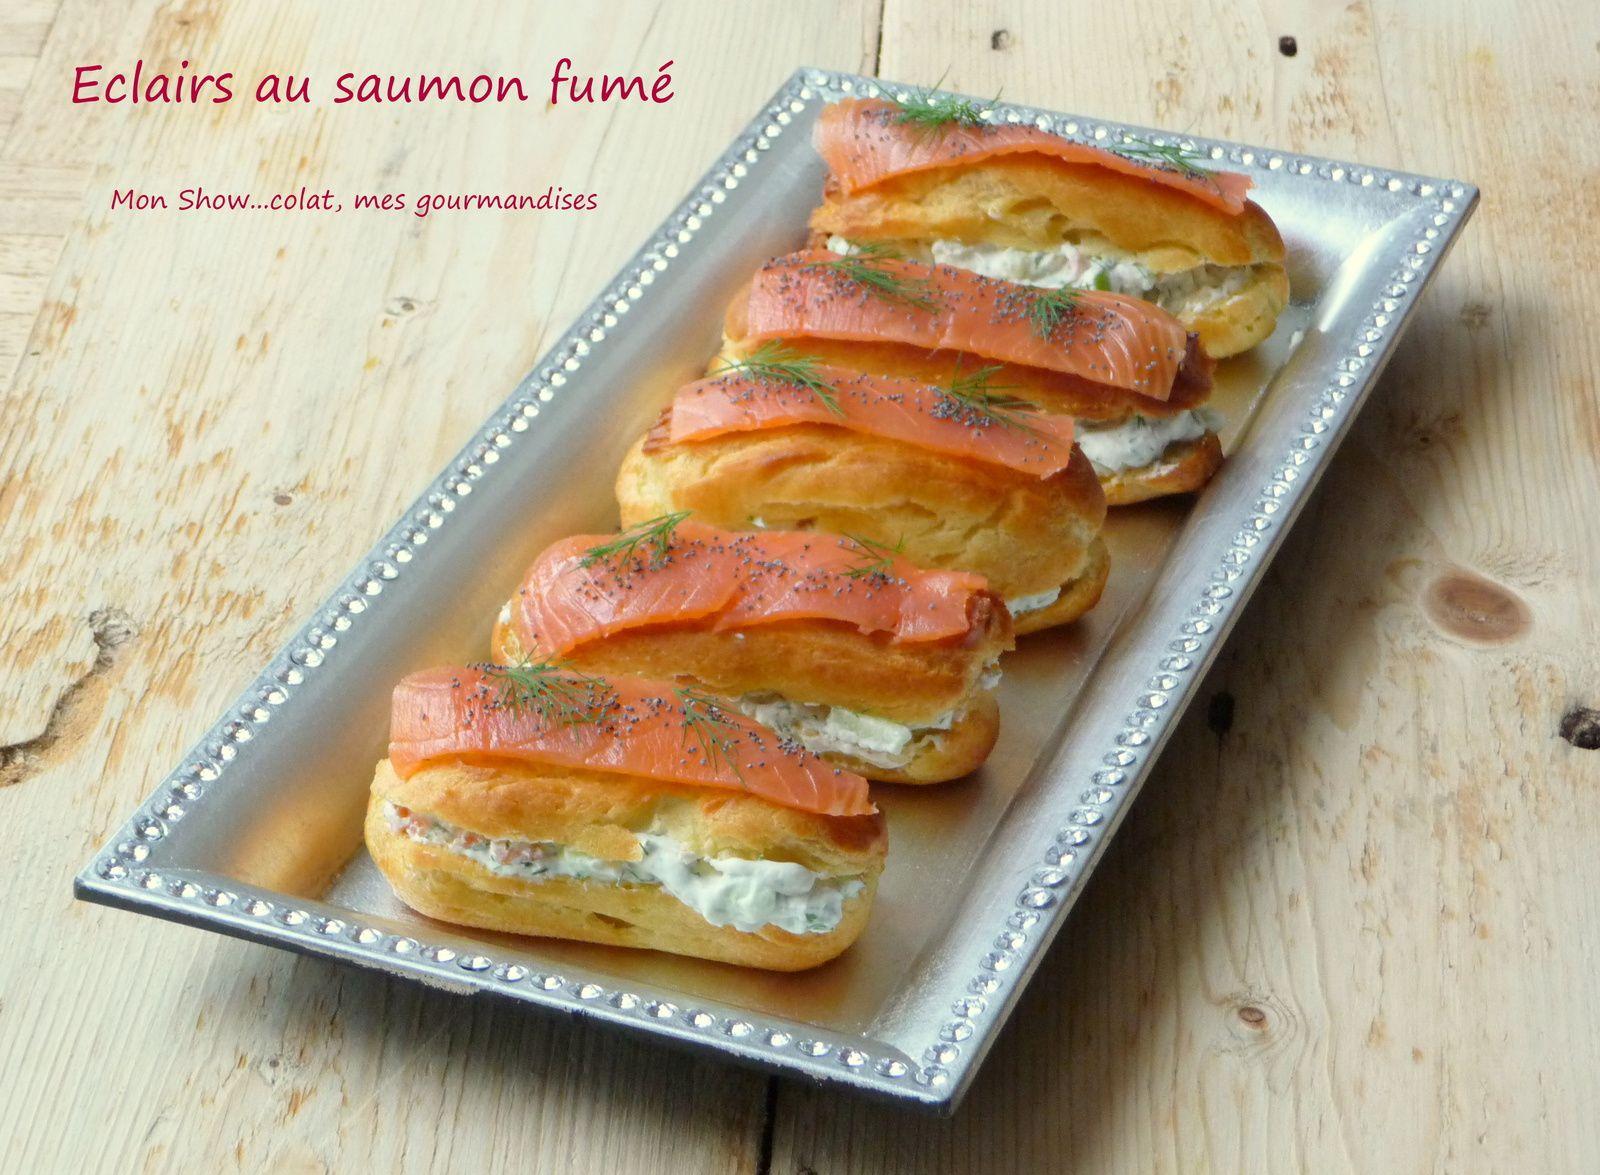 Eclairs au saumon fumé et Granny Smith